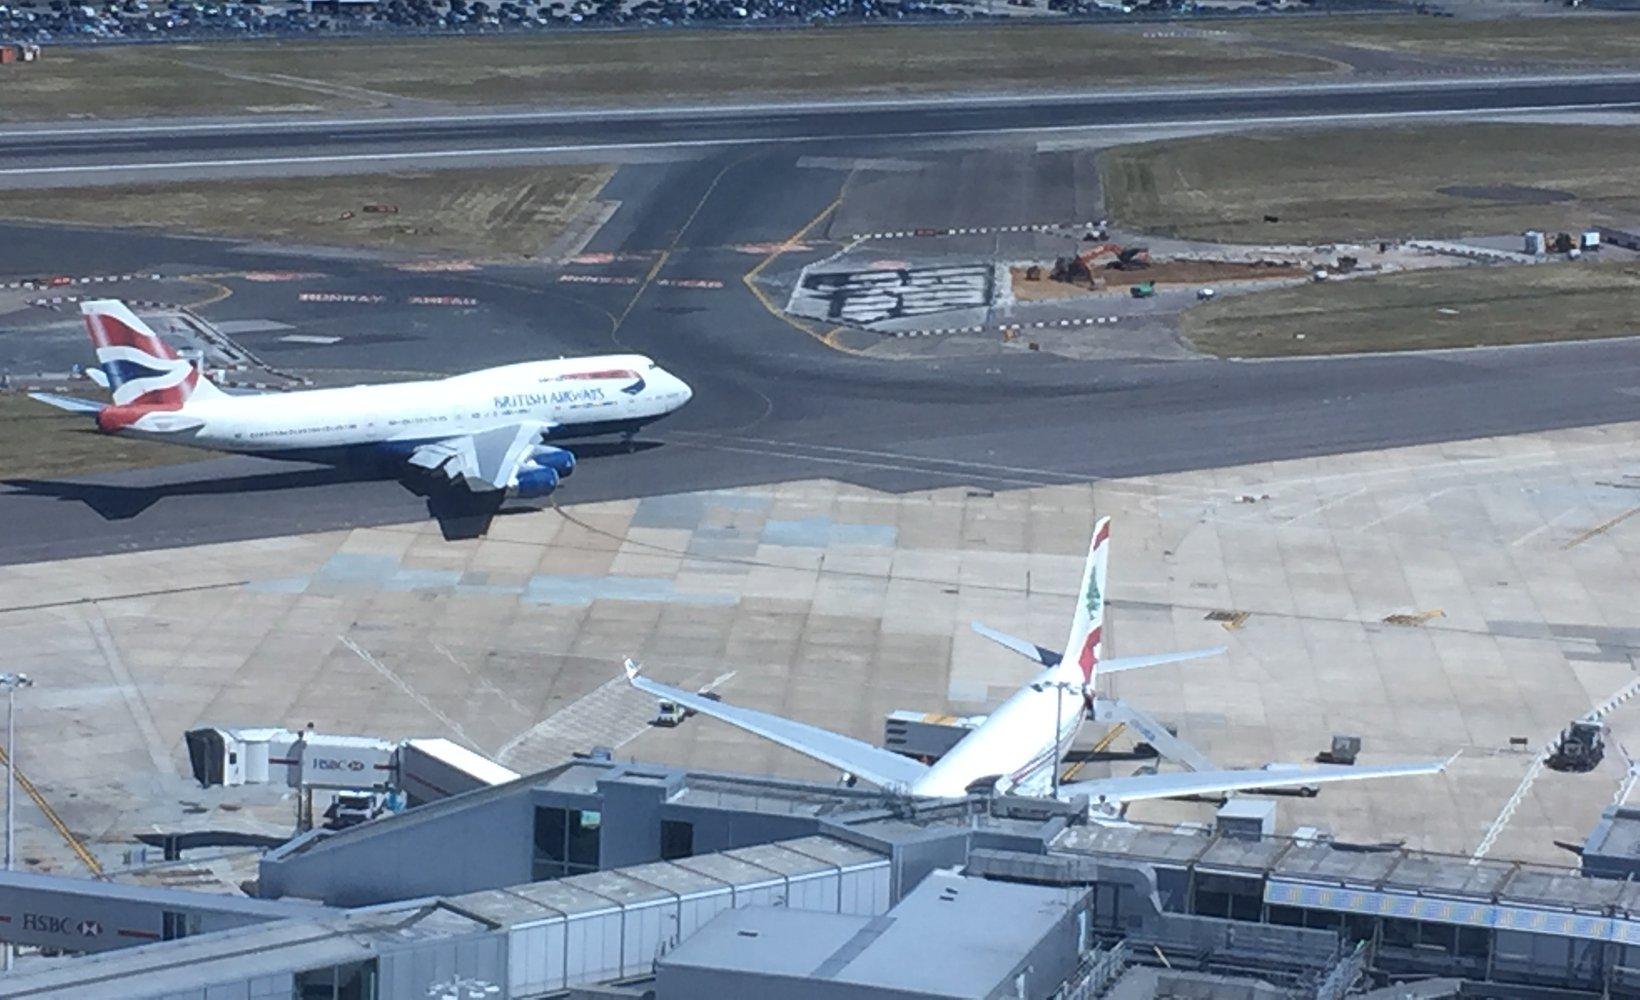 Runway repairs at Heathrow Airport